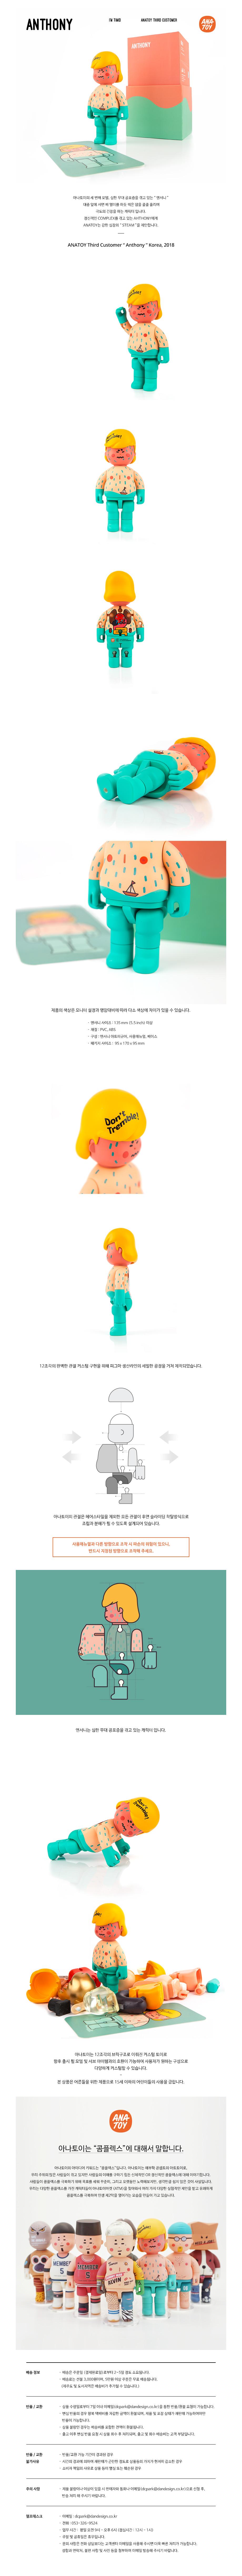 앤서니 ANTHONY - 아나토이, 60,000원, 페이퍼 토이, 캐릭터